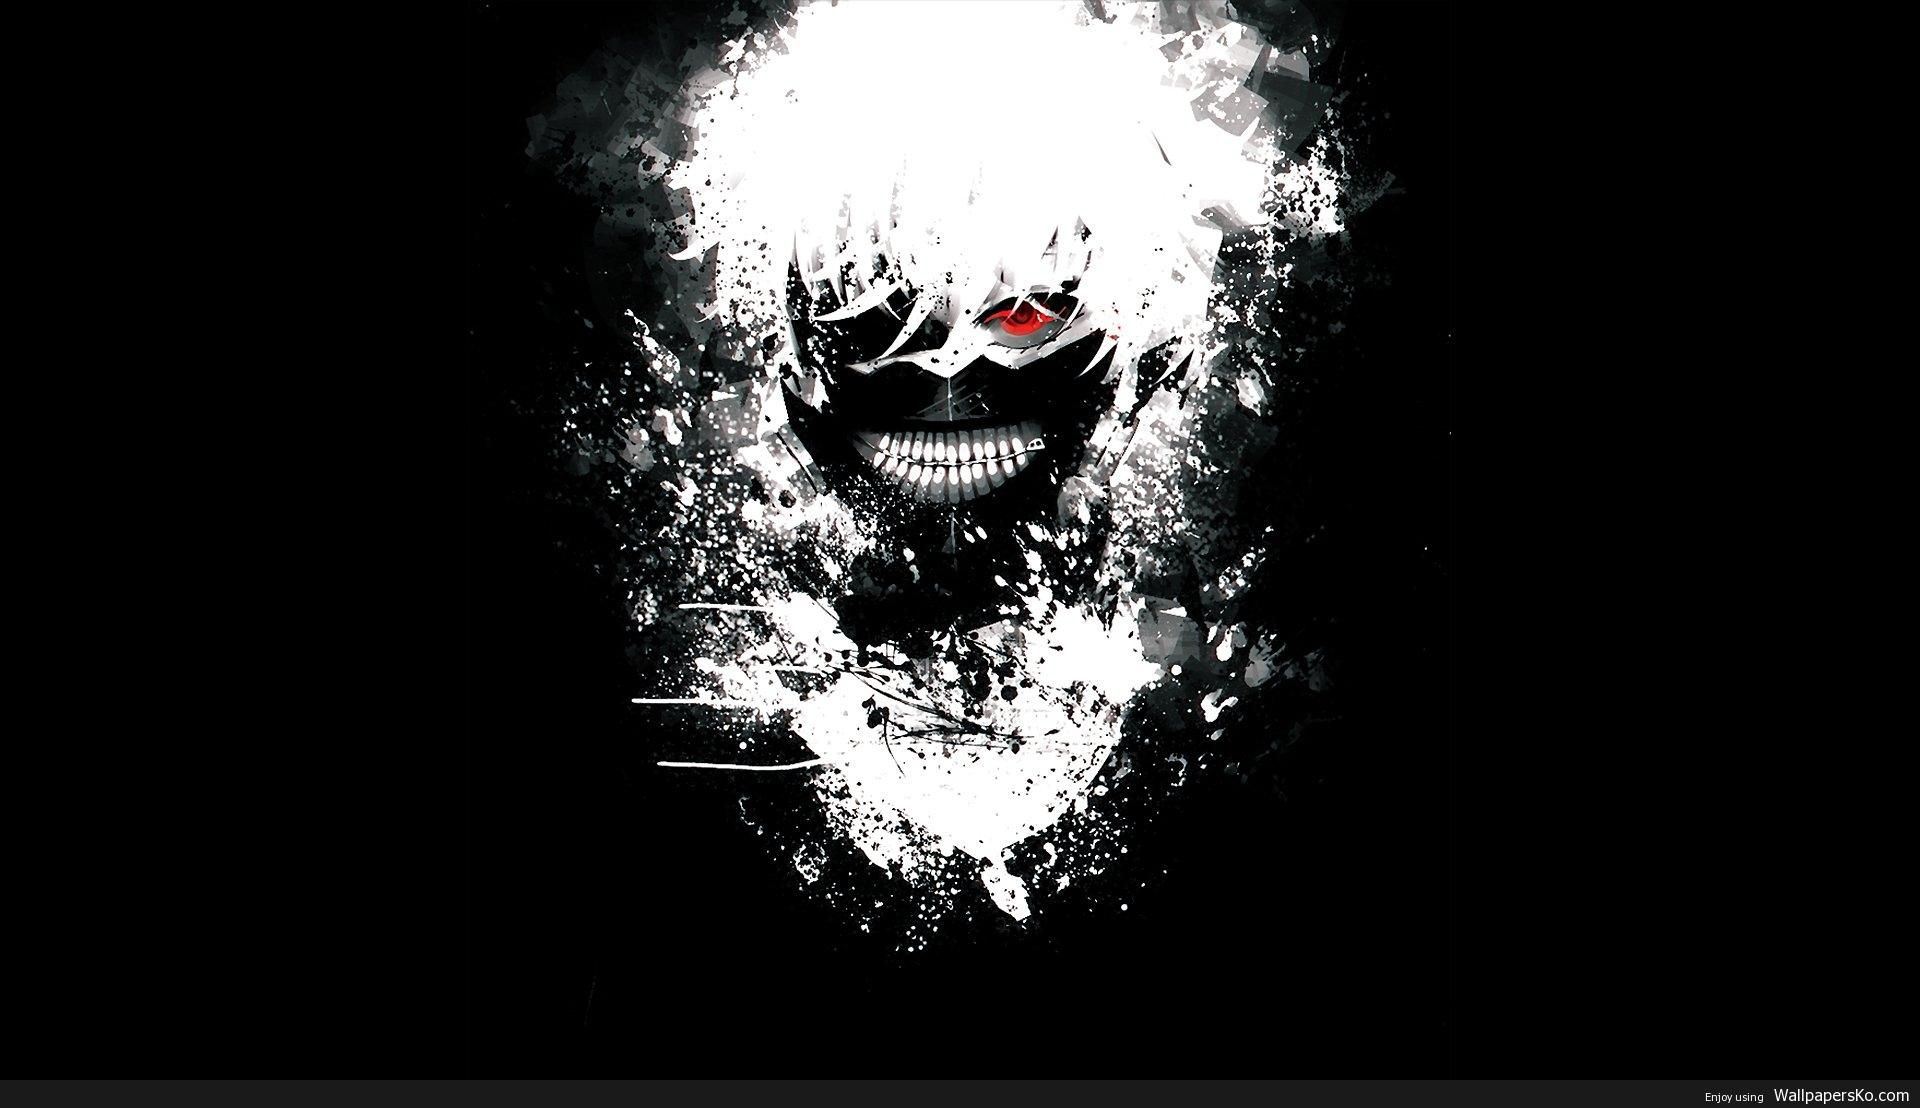 tokyo ghoul hd wallpaper